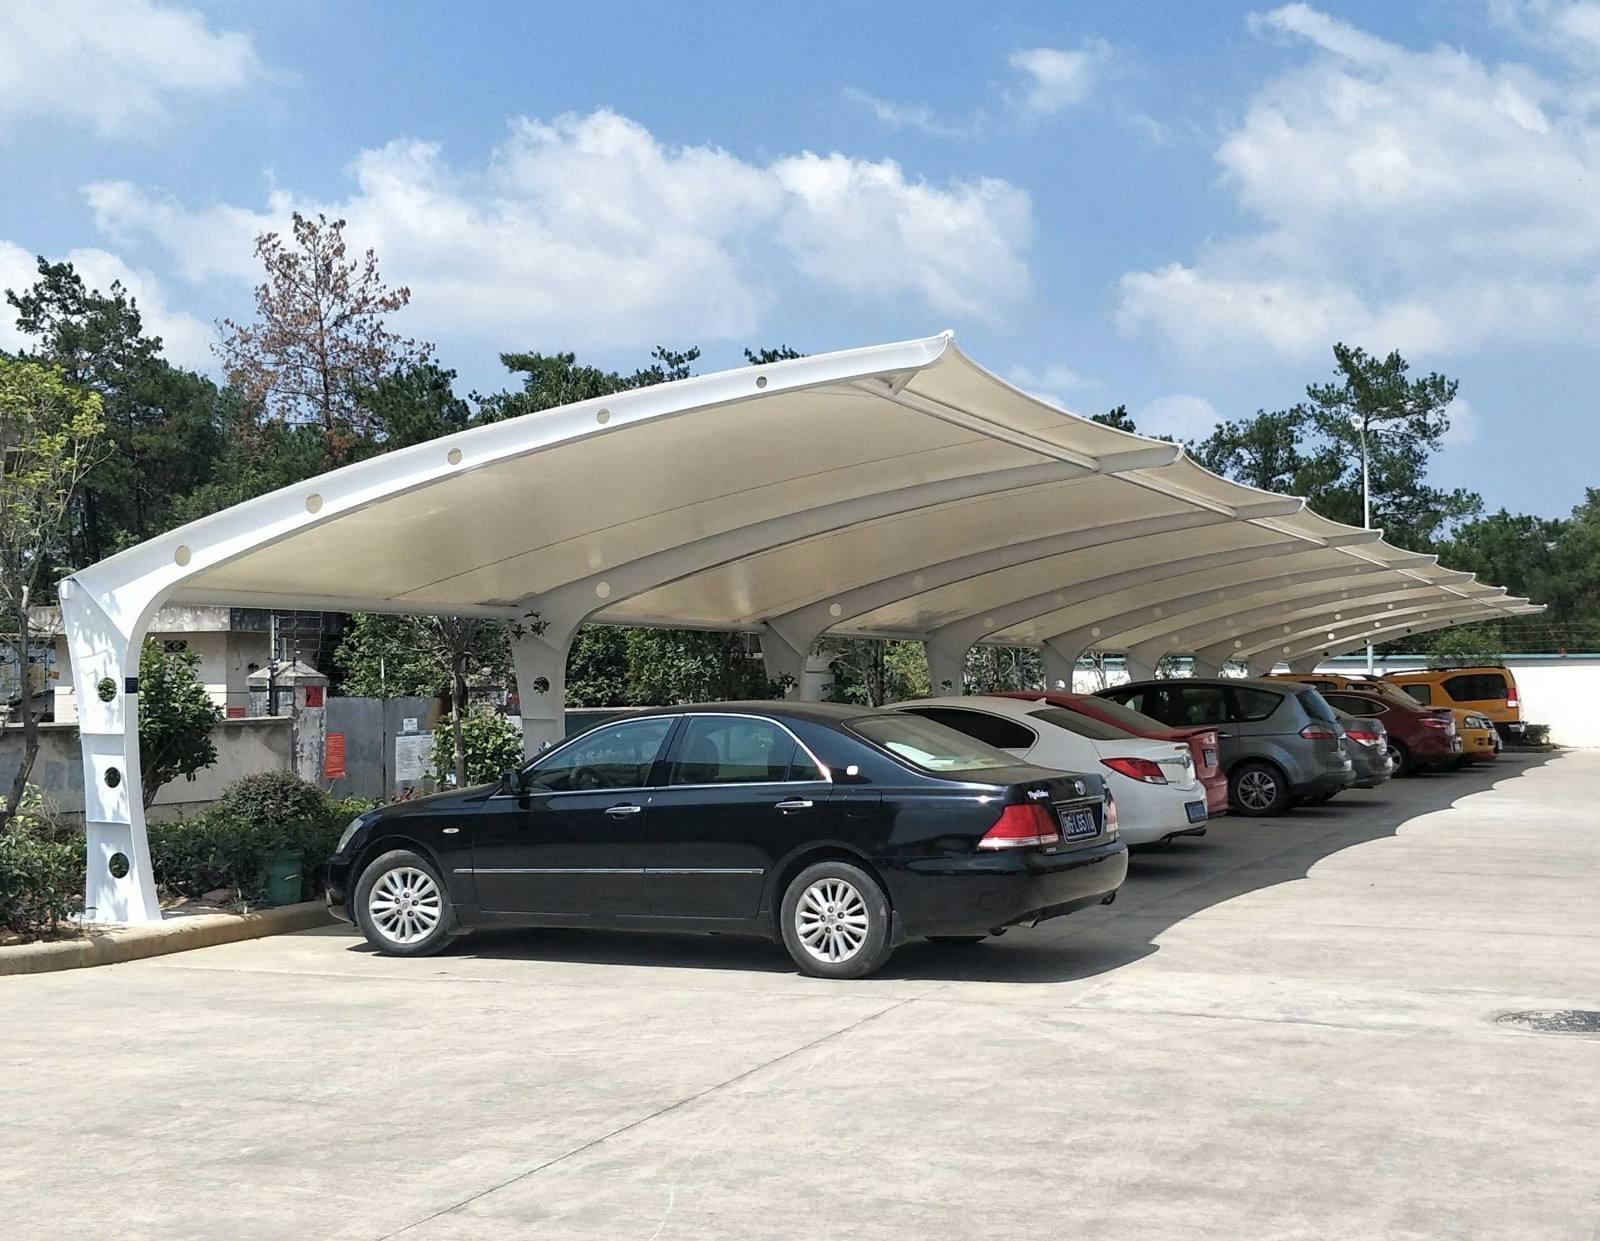 膜结构停车棚施工过程中应注意事项有哪些呢?